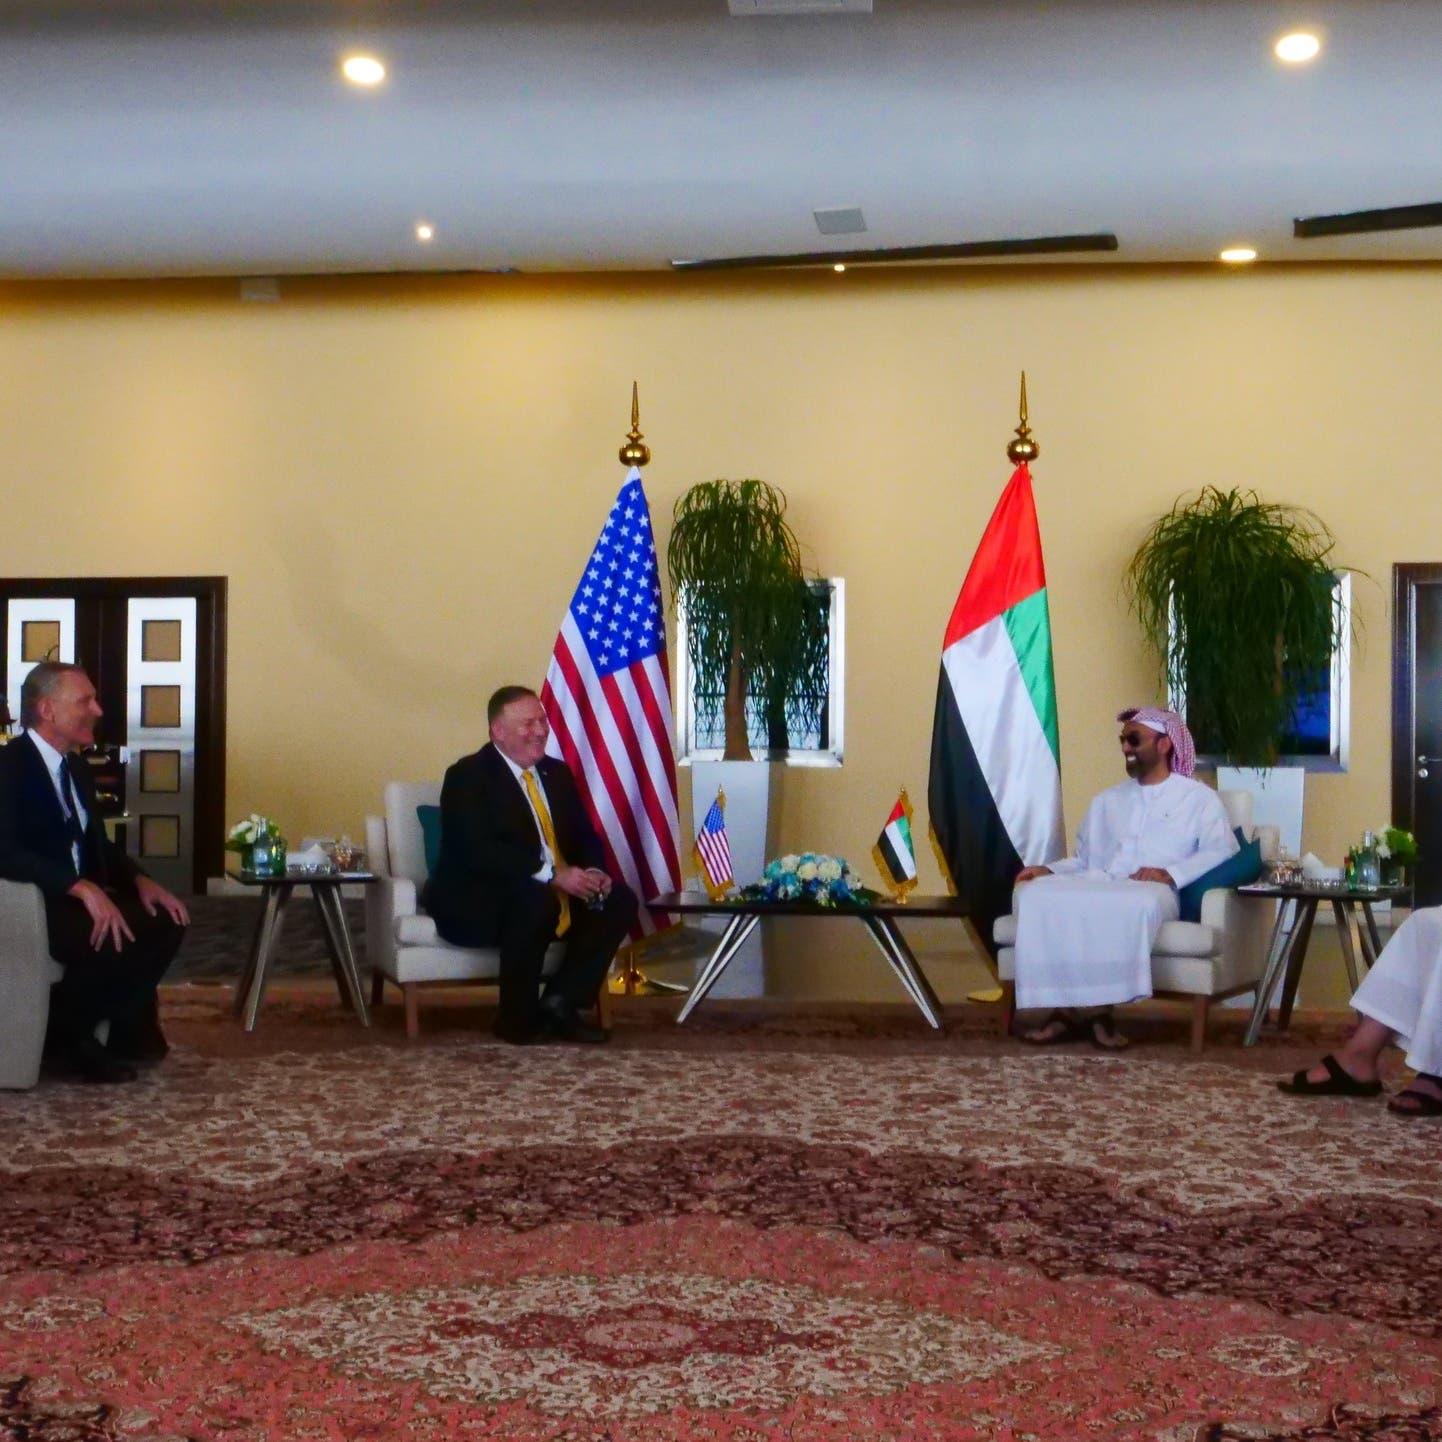 بومبيو: اتفاق الإمارات وإسرائيل خطوة نحو السلام بالمنطقة